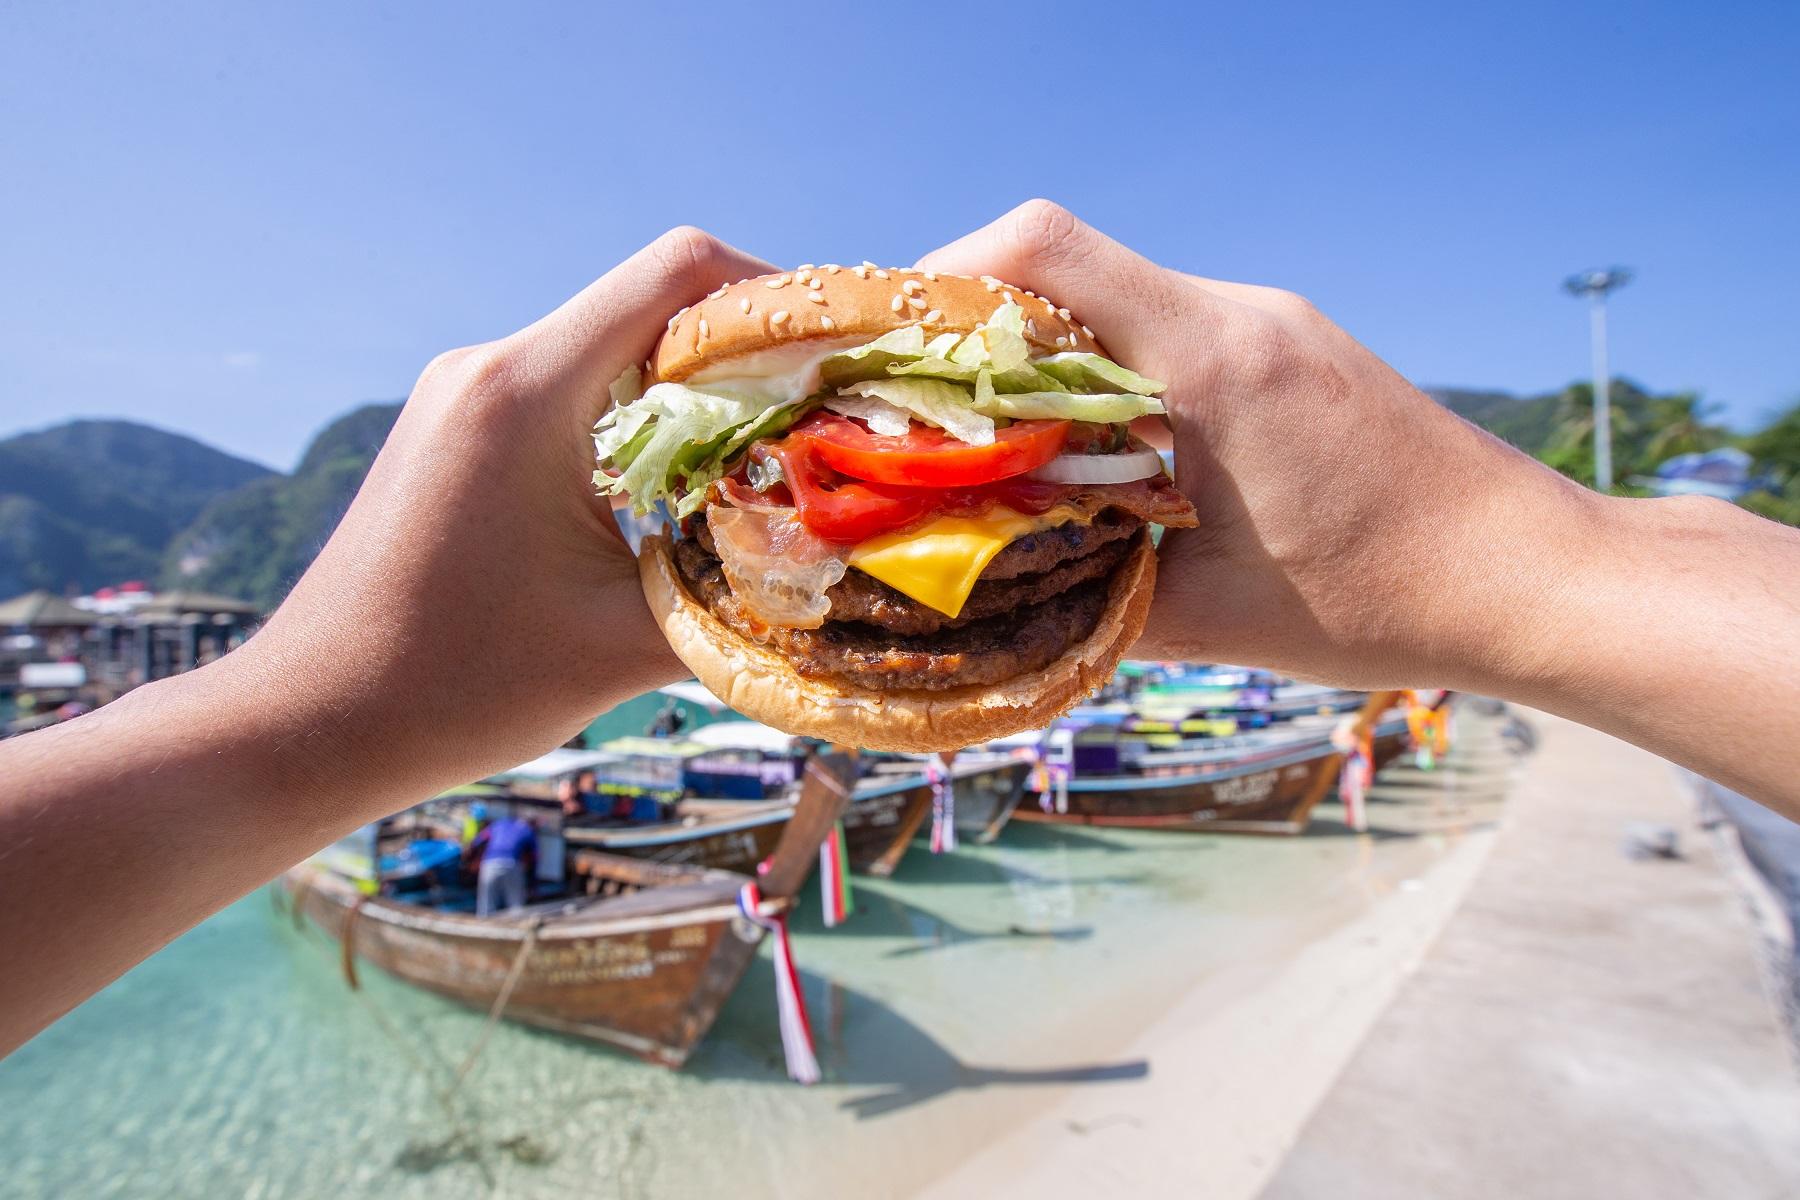 ภาพบรรยากาศวิวทิวทัศน์หน้าร้านเบอร์เกอร์คิงสาขาเกาะพีพี